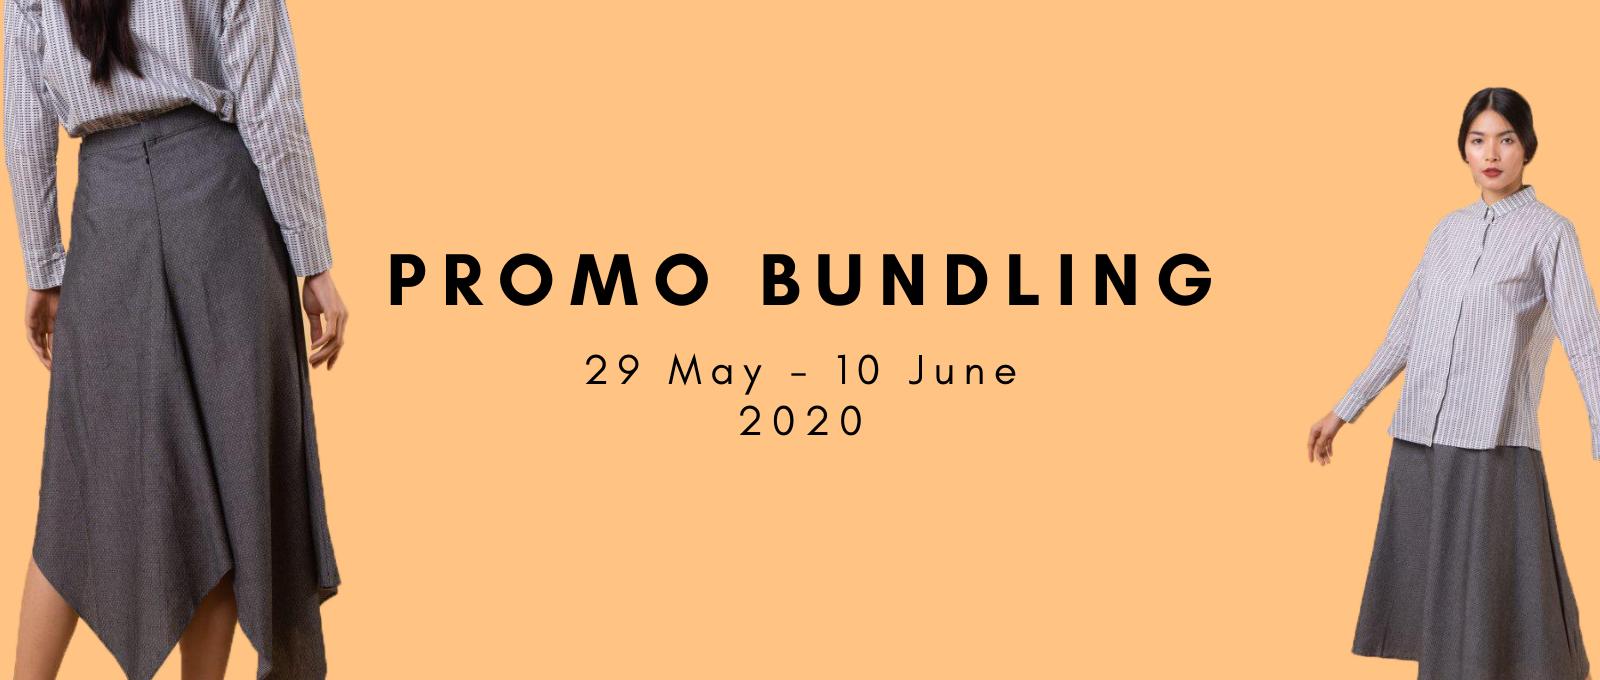 promo bundling banner